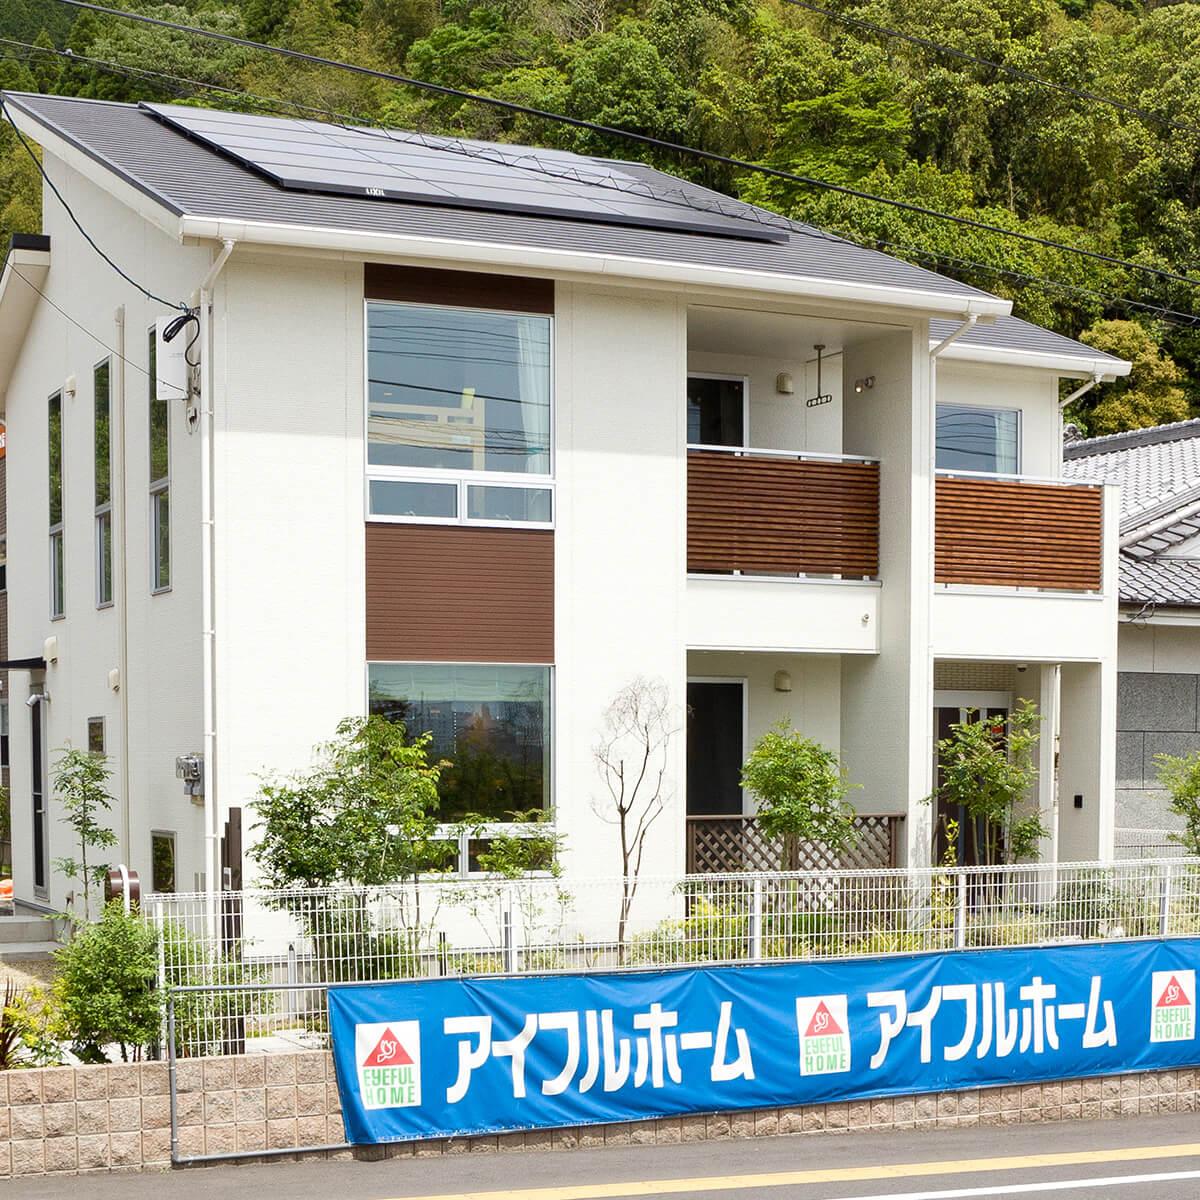 アイフルホーム霧島店 モデルハウス